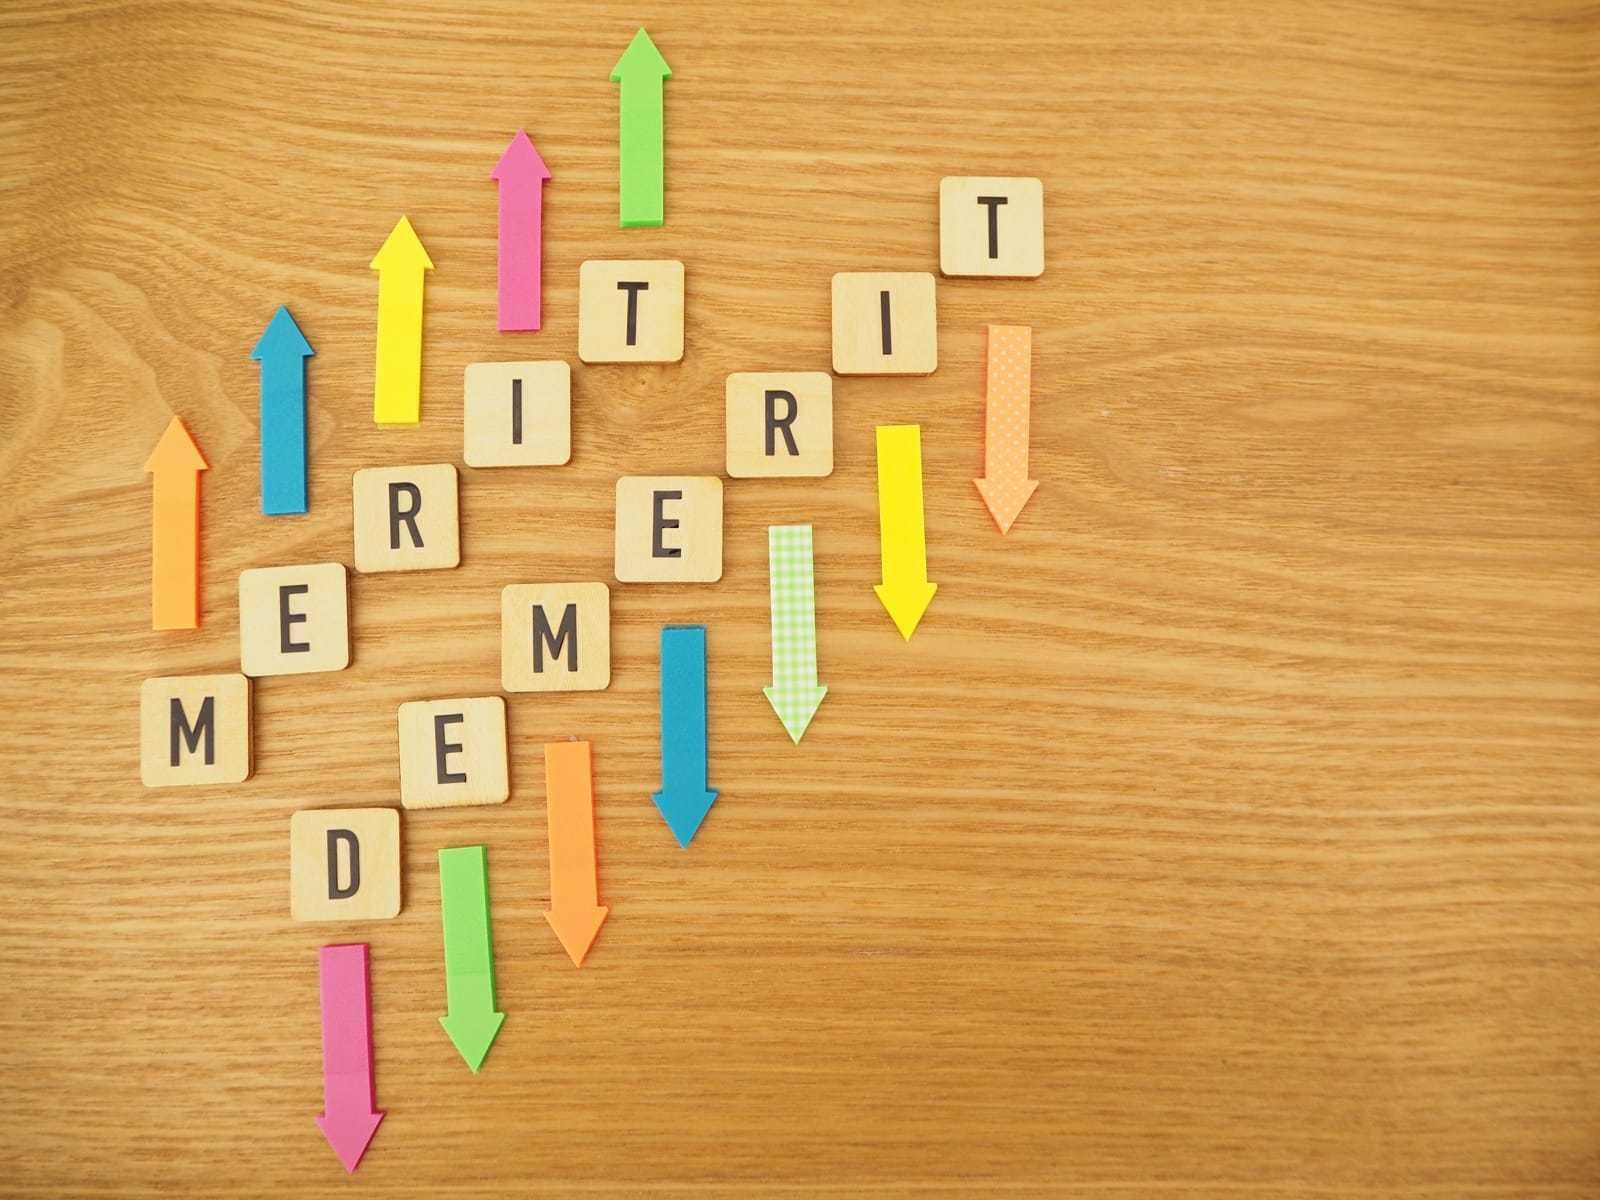 メリットとデメリットの単語と矢印